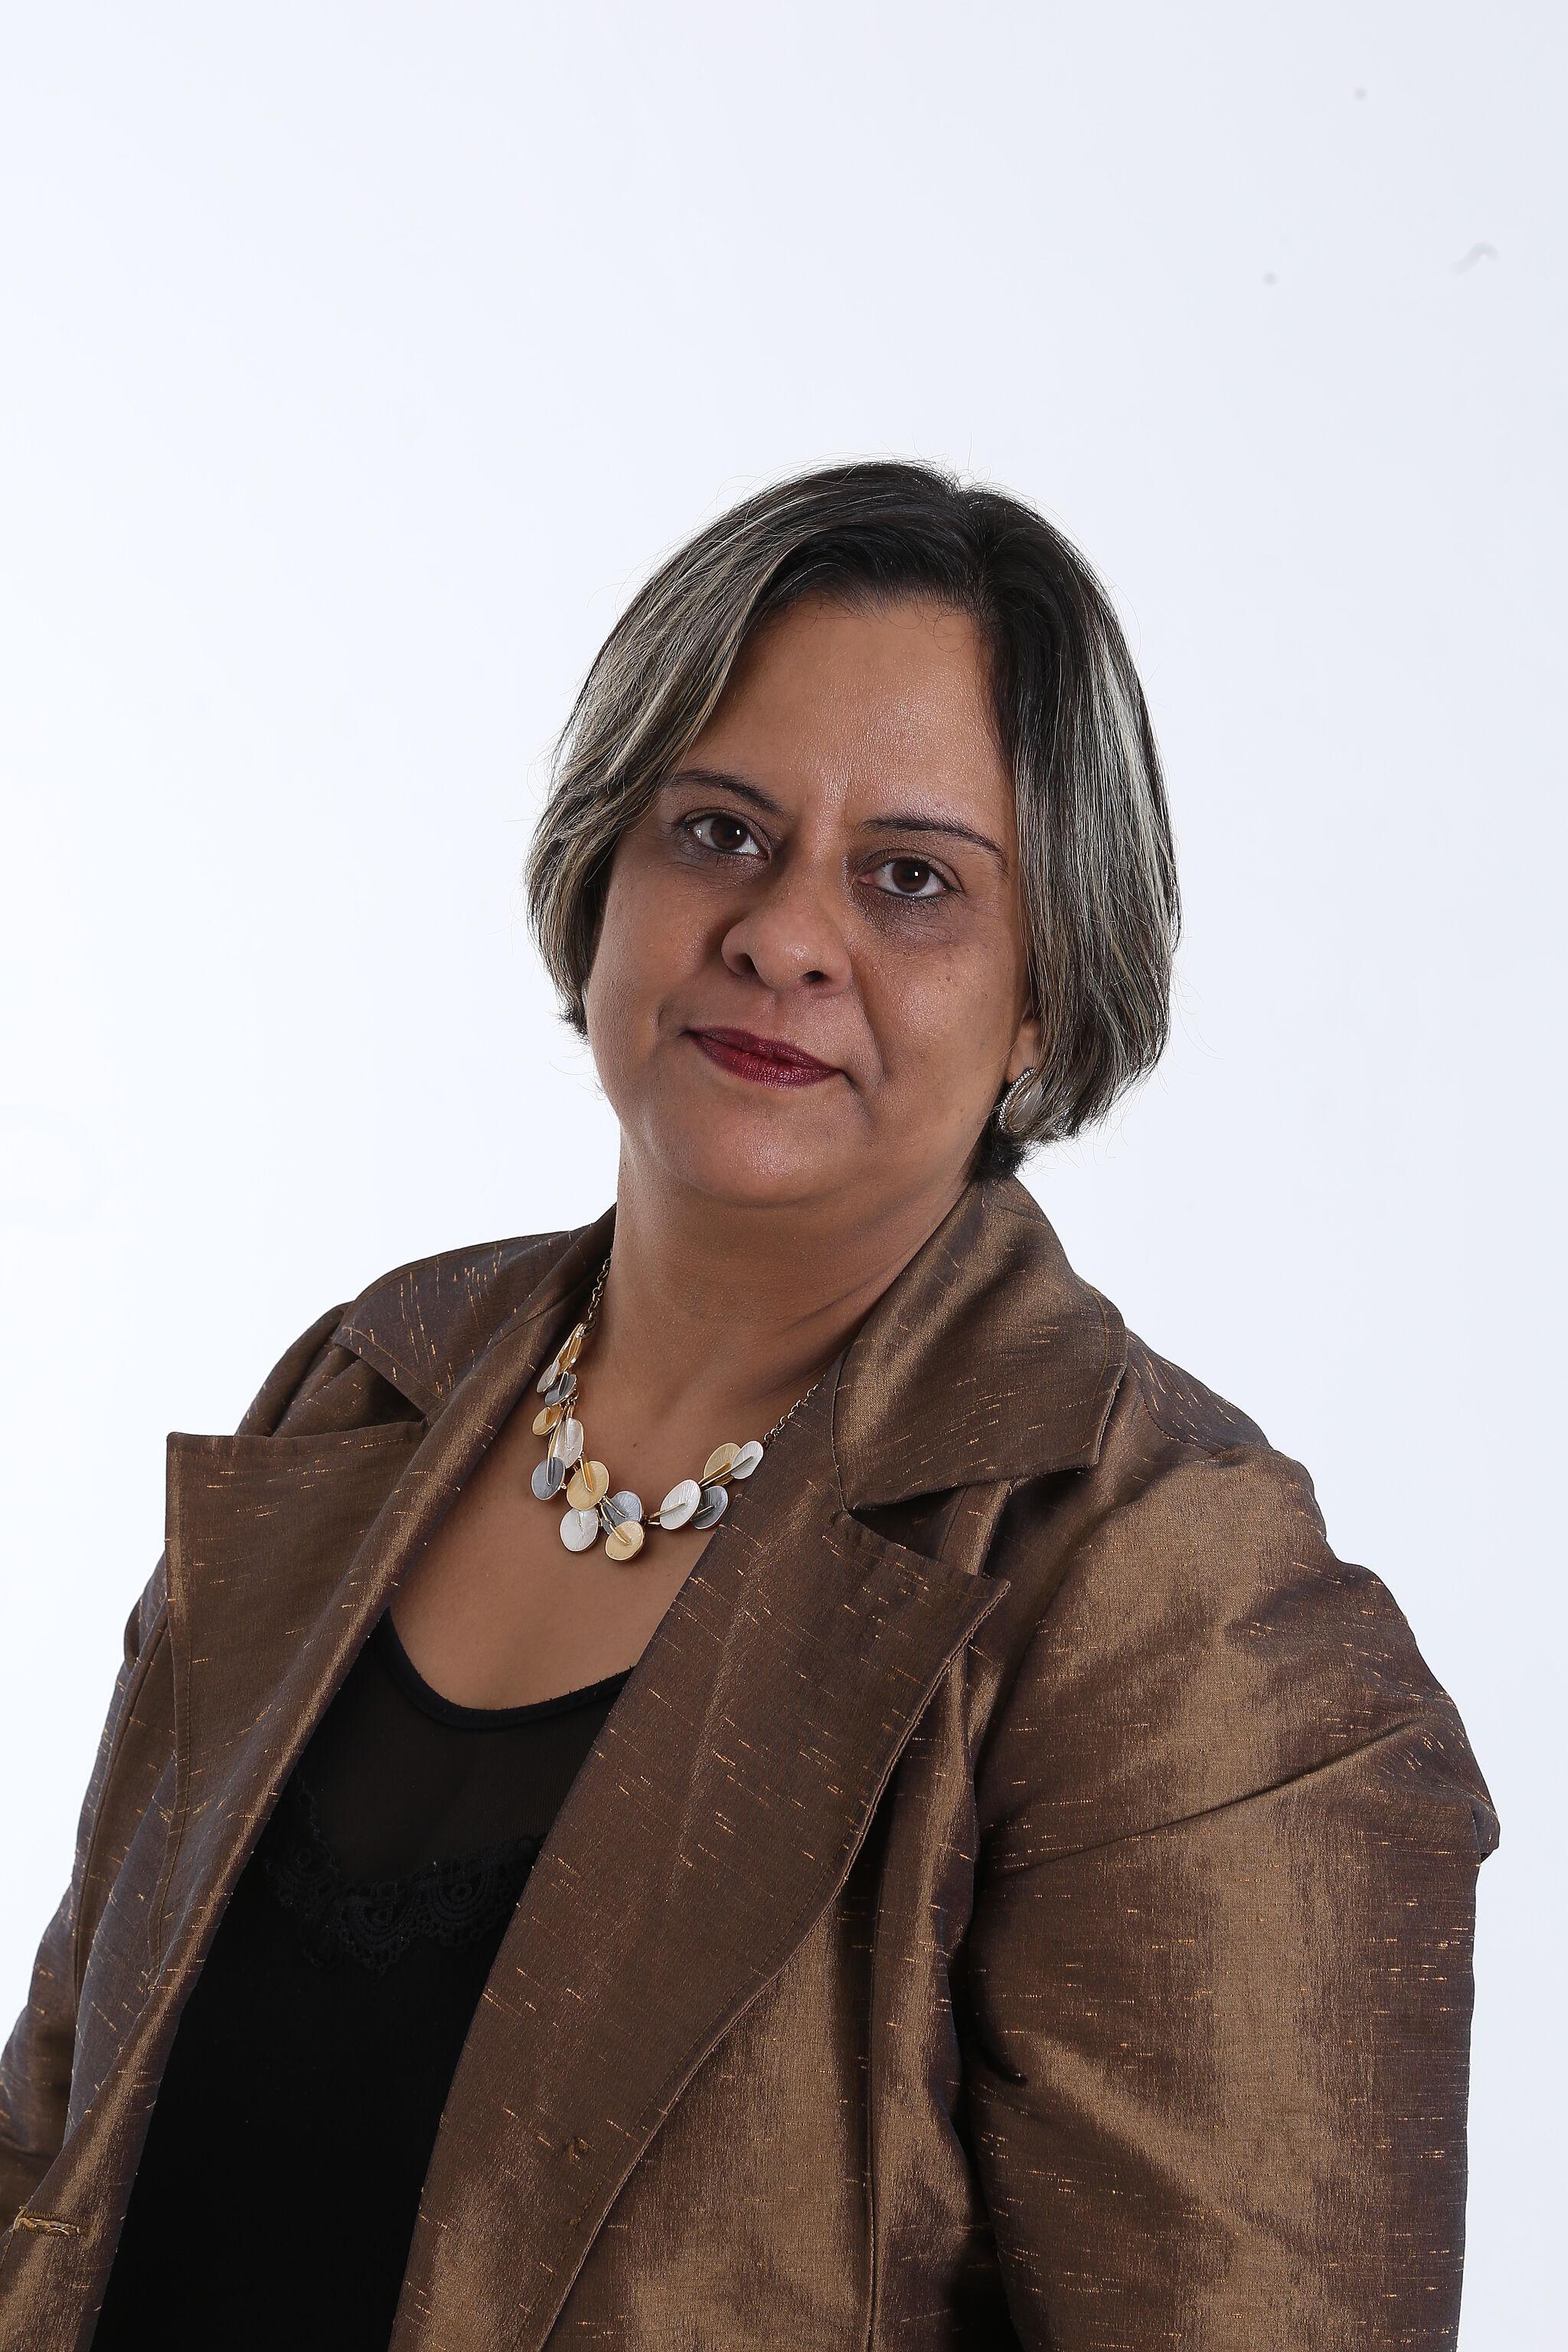 Marcia de Souza Leite Nepomuceno Diretora da Escola AEJA Mackenzie